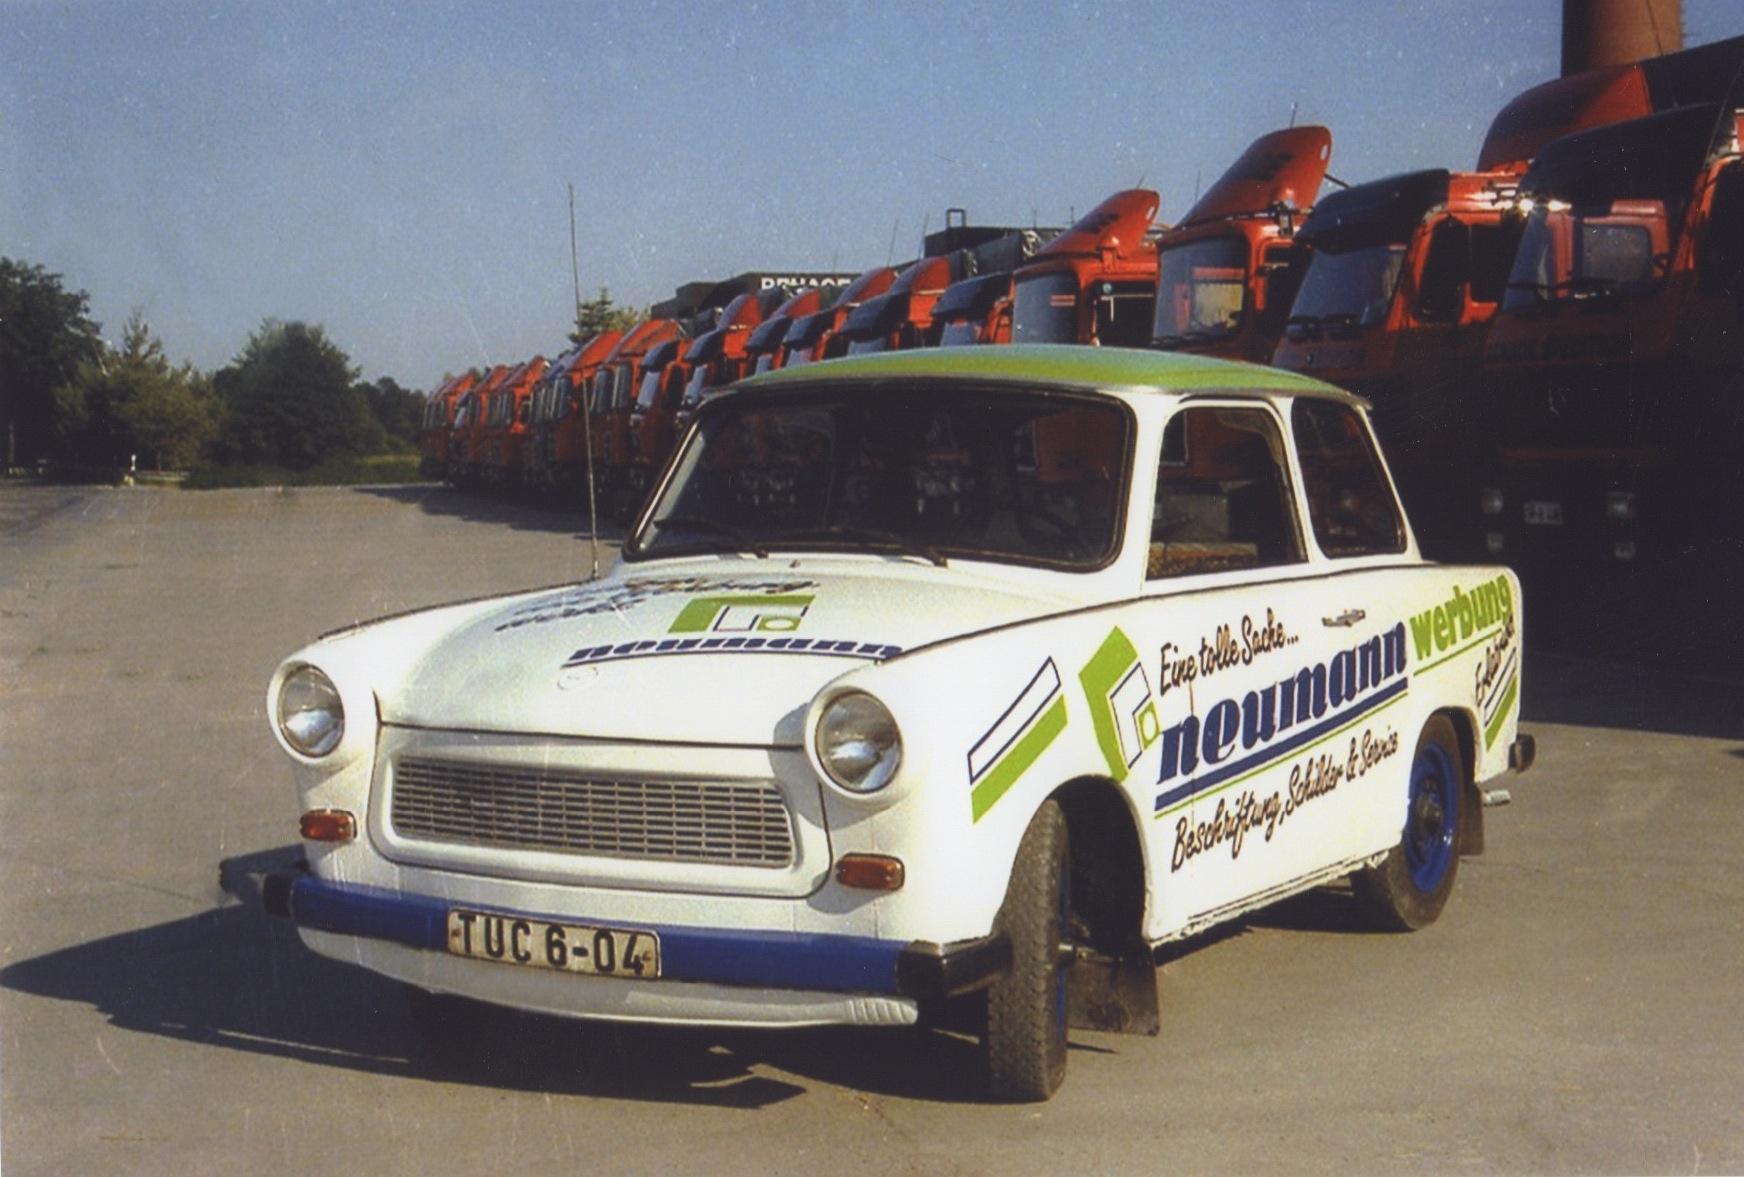 1989 - 1993: Stützpunkt in Erlabrunn / Erzgebirge